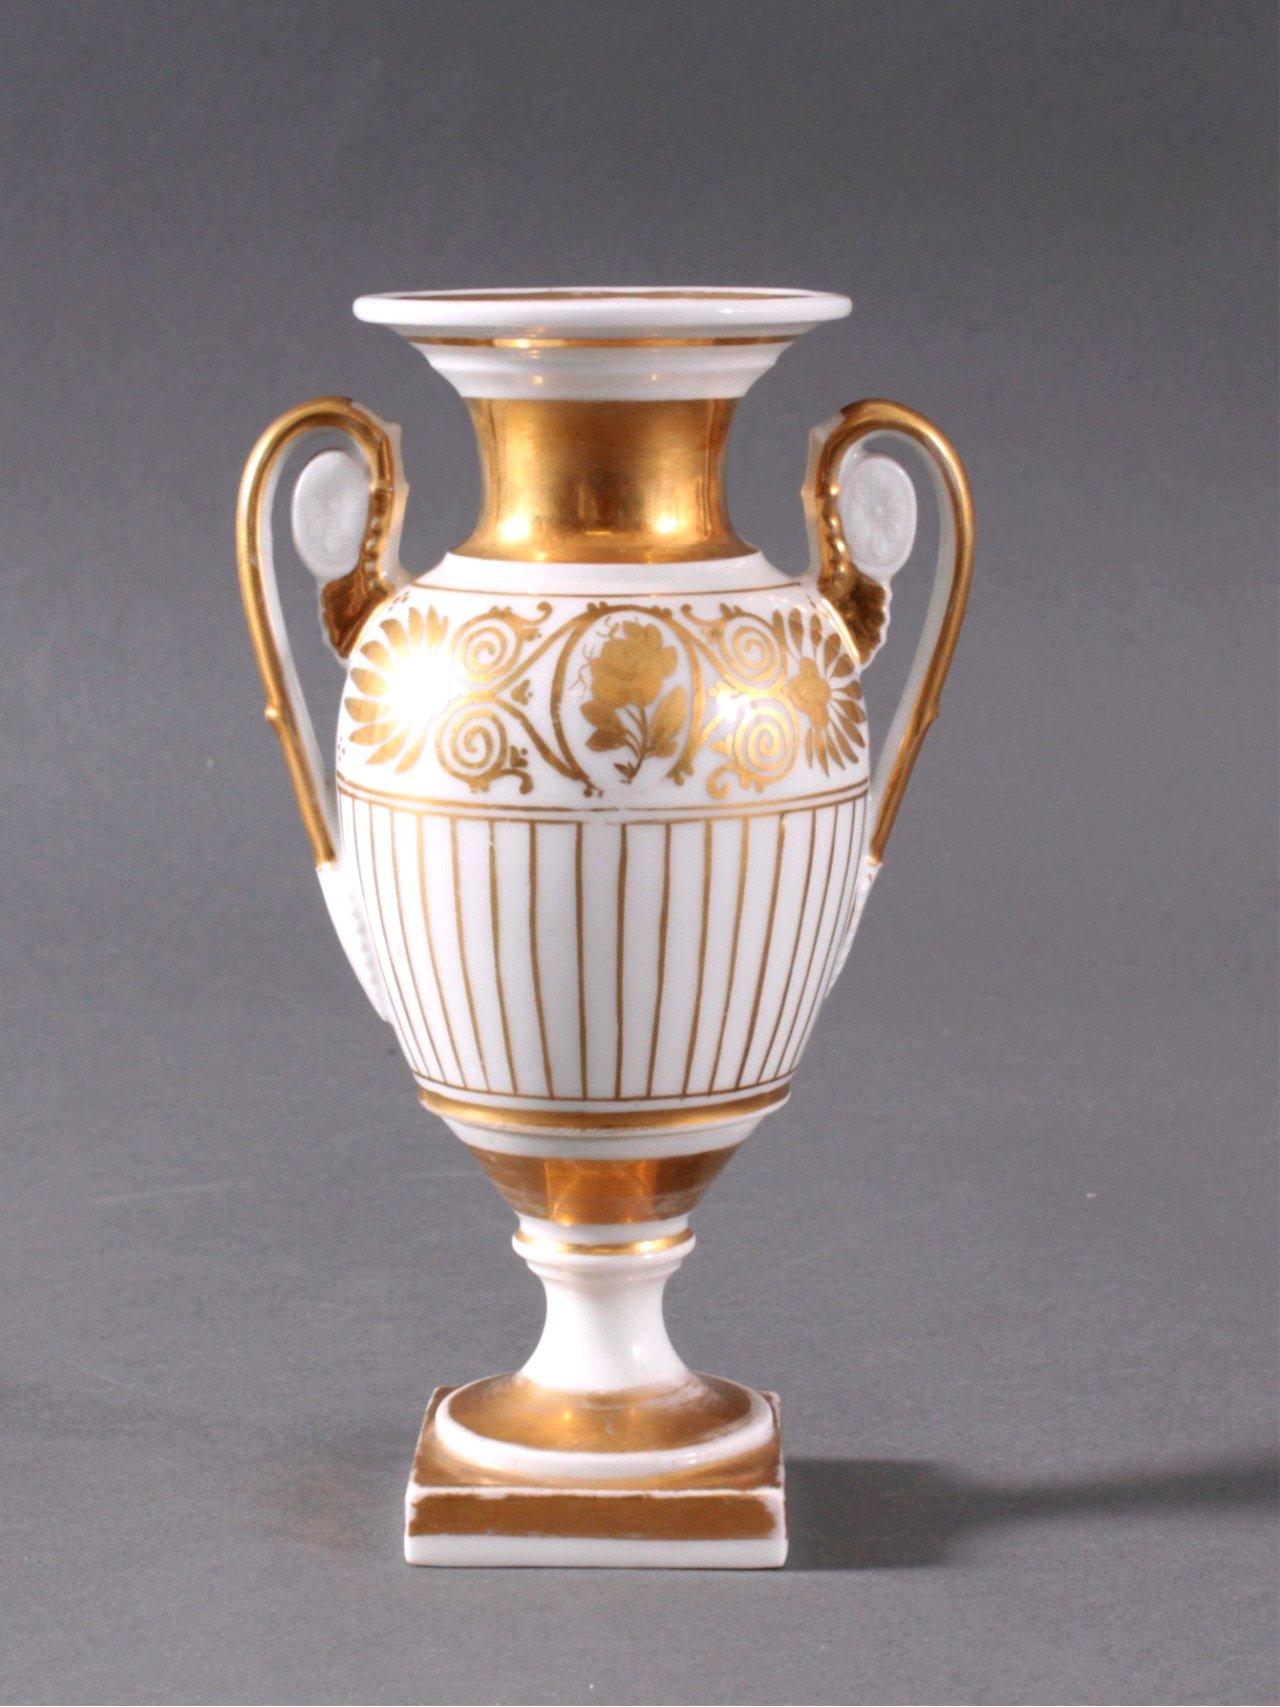 Amphorenvase um 1900-1